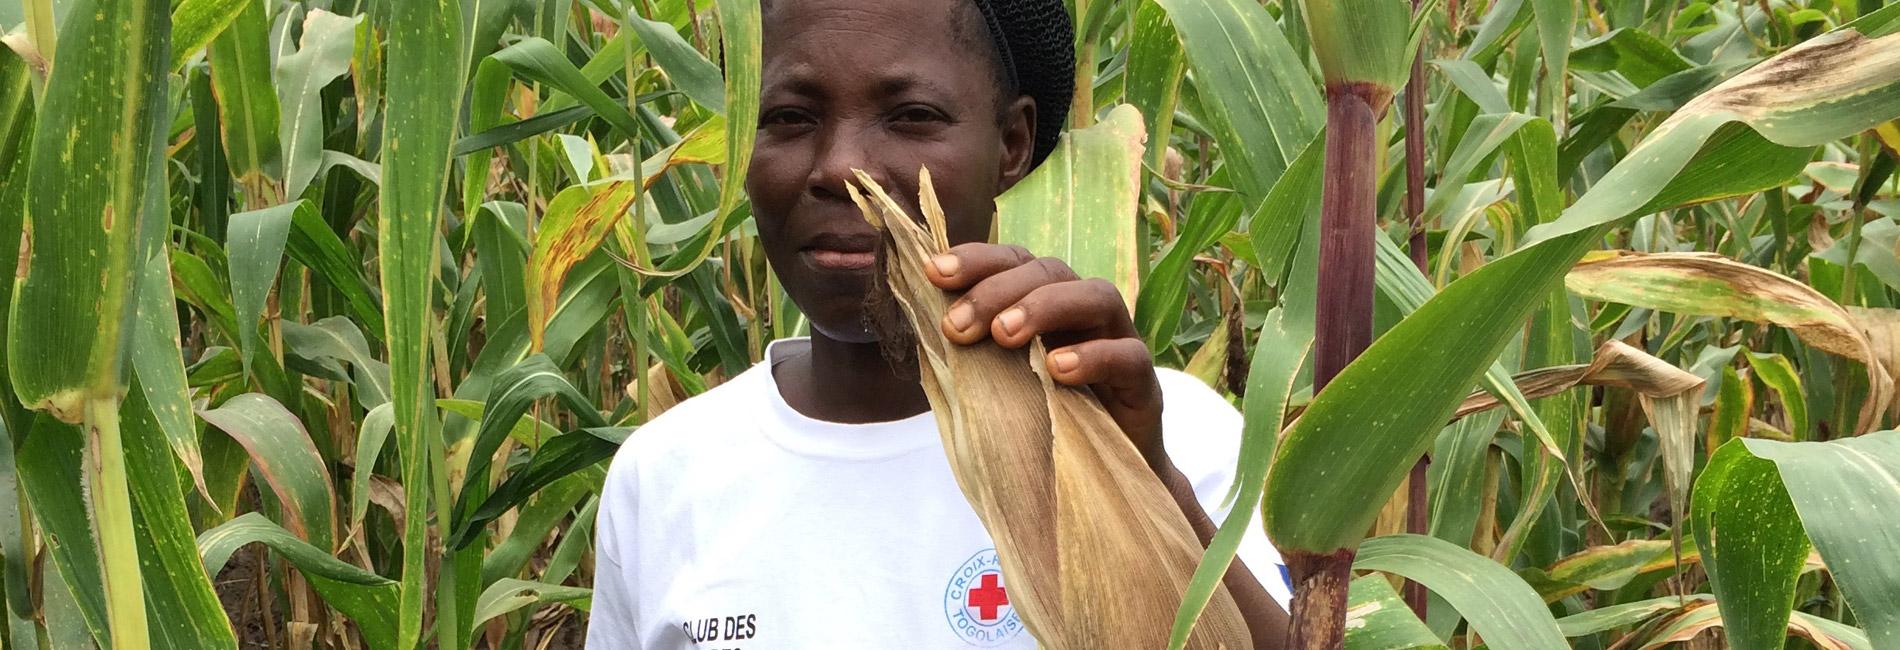 Foto: togolesische Frau in einem Maisfeld